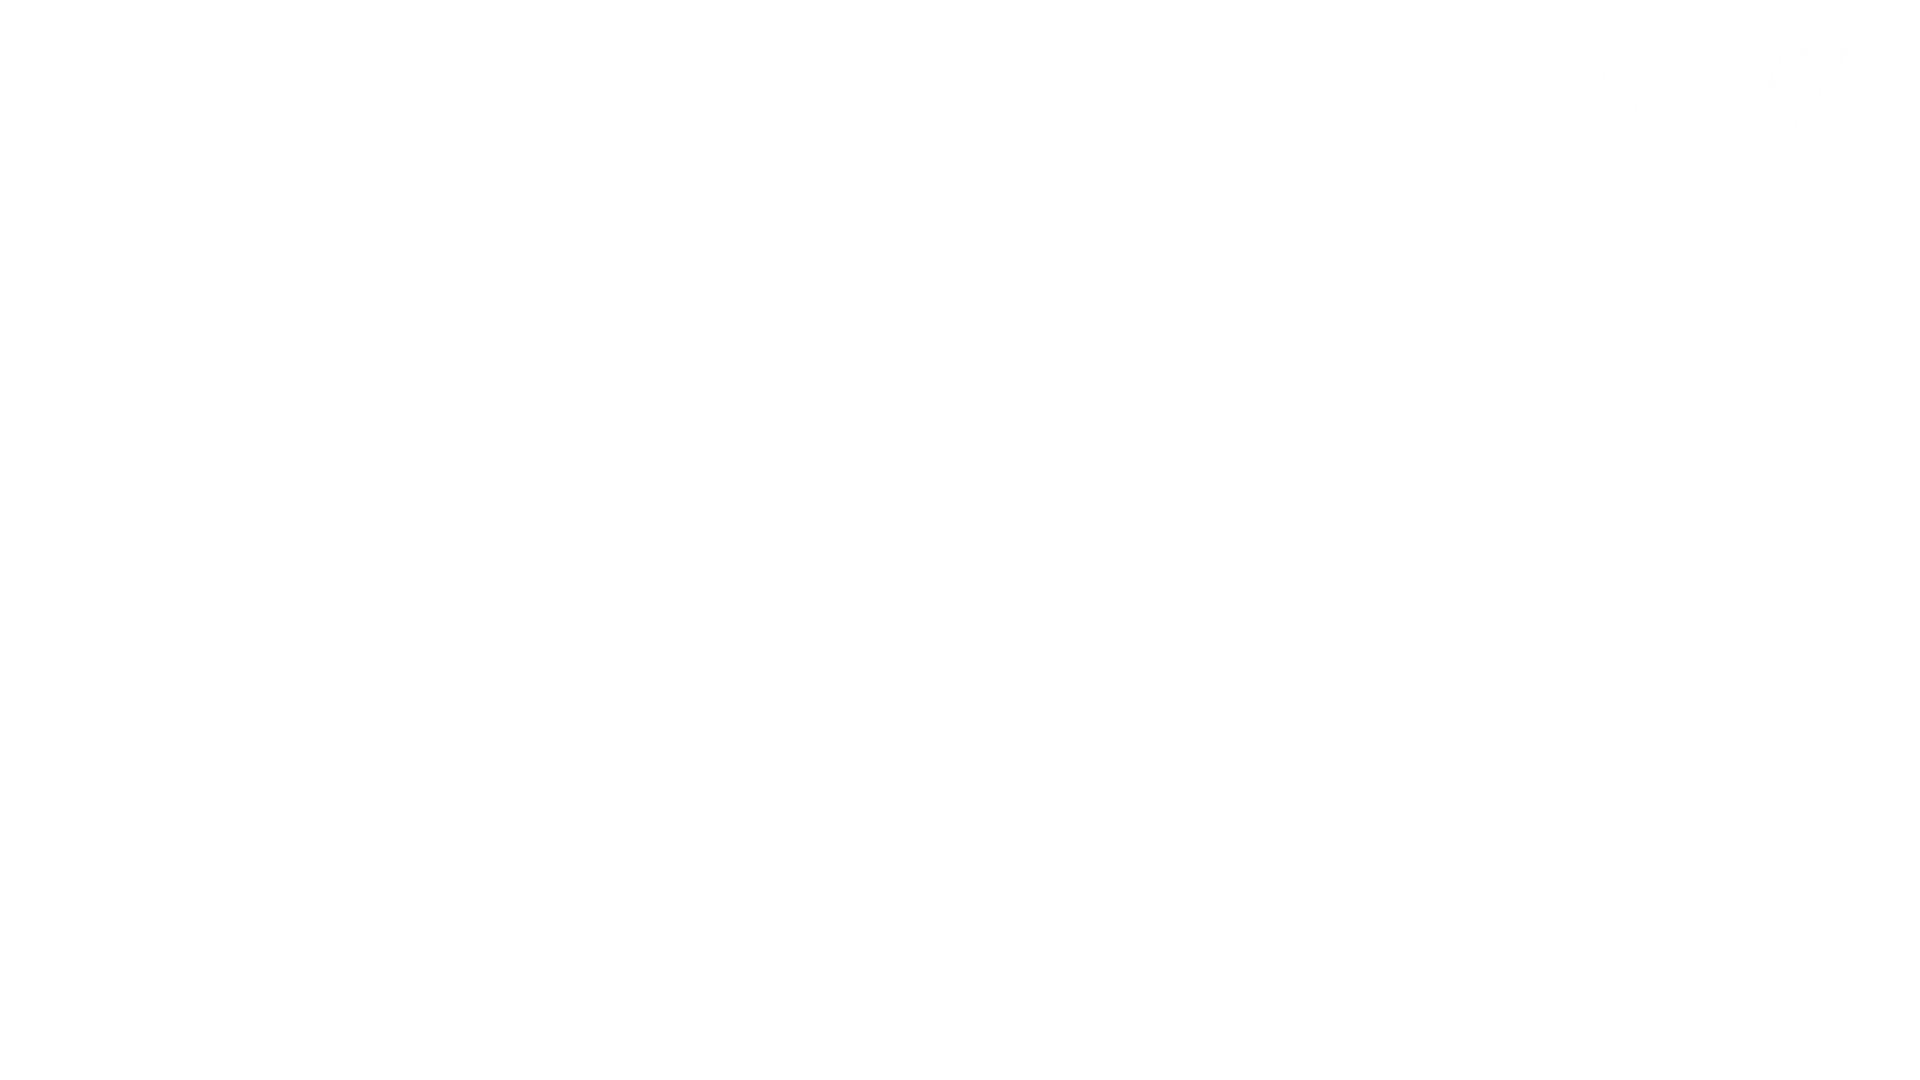 ▲復活限定▲ハイビジョン 盗神伝 Vol.5 期間限定シリーズ  65画像 21